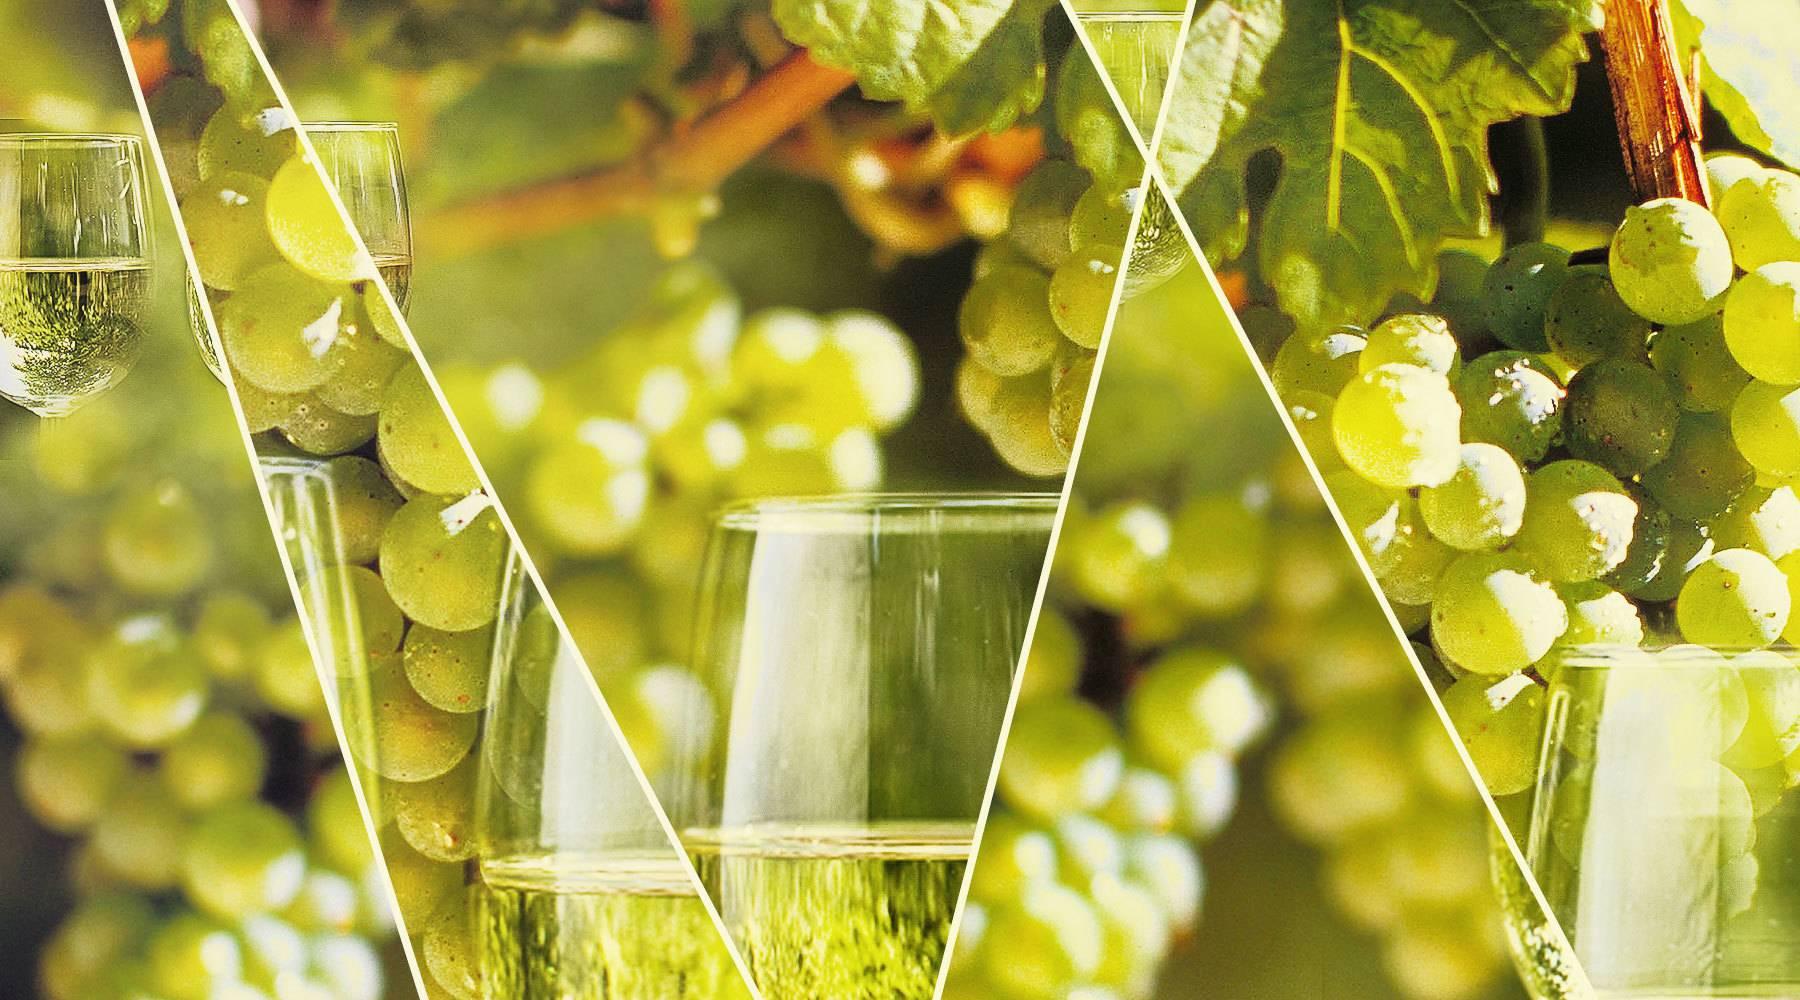 Рислинг вино — виды, особенности, вкусовые качества и свойства напитка (видео + фото)